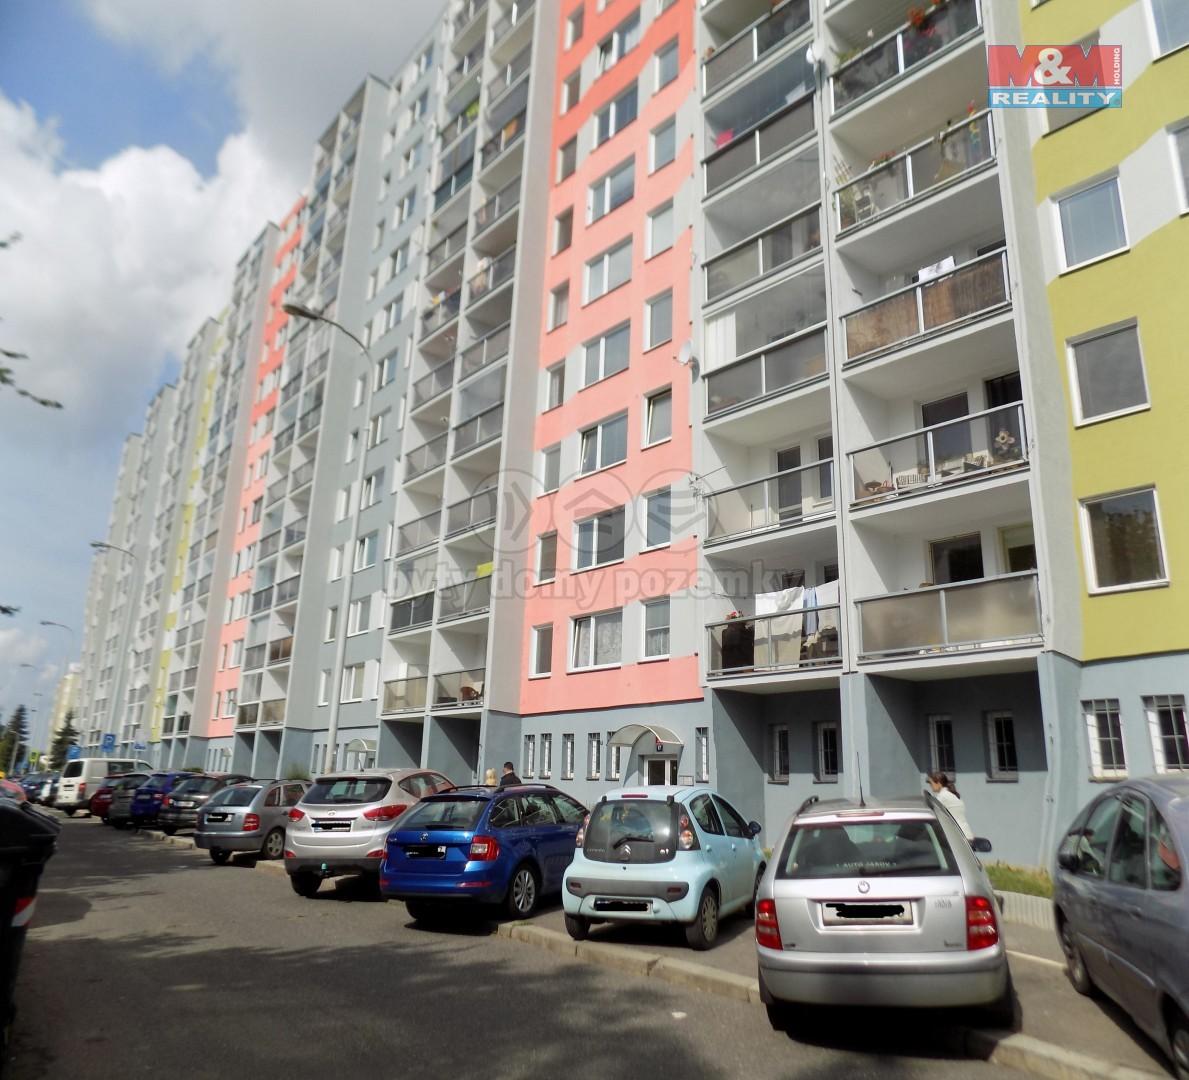 Pronájem bytu 1+1, 32 m², Praha, ul. Krynická